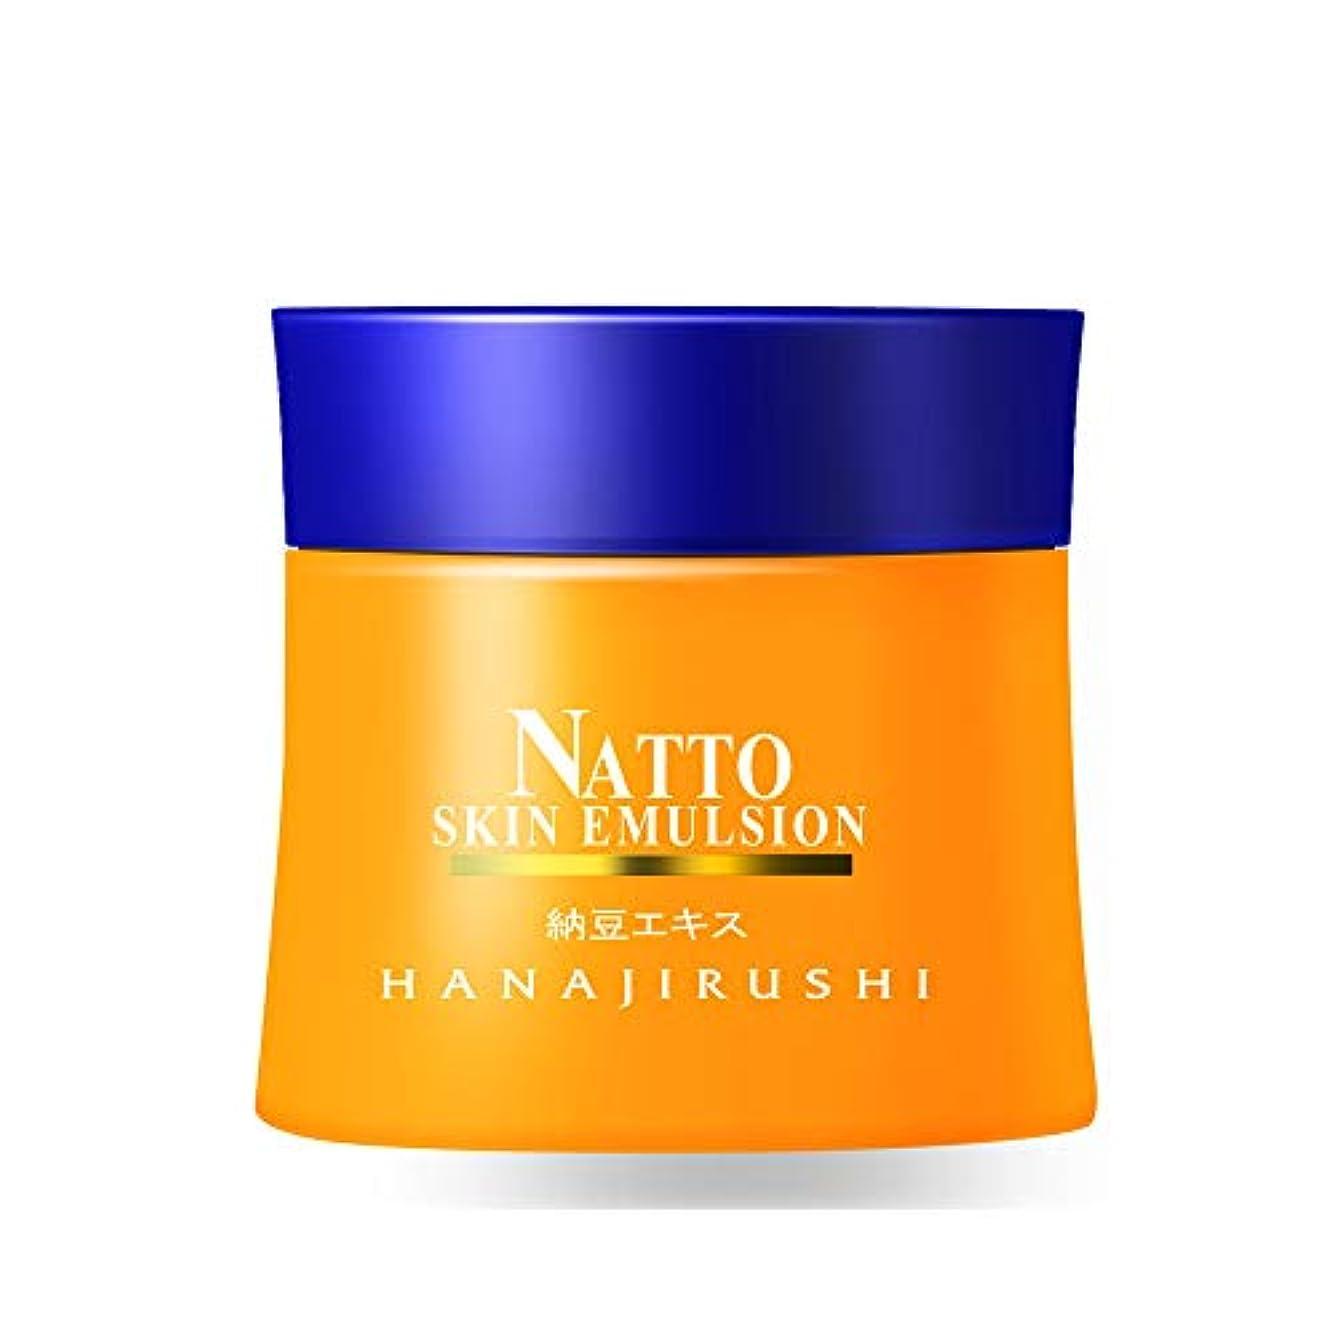 マオリスイッチ余分な花印 ダイズイソフラボン保湿美容クリーム55g 「乾燥小じわ たるみ」